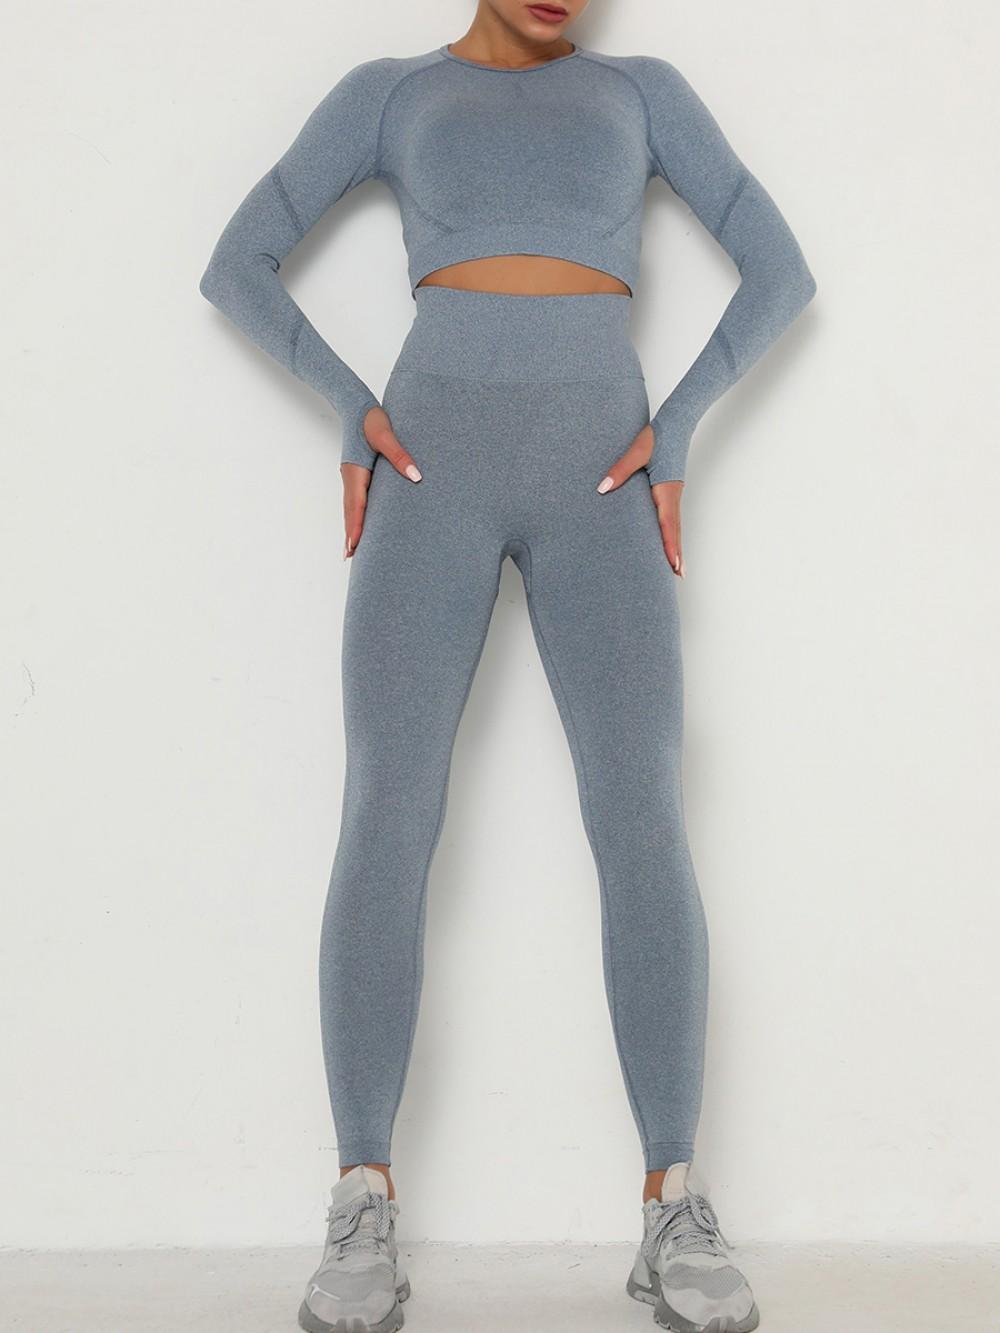 Anti Slip Blue Long Sleeve Top High Waist Leggings For Exercise